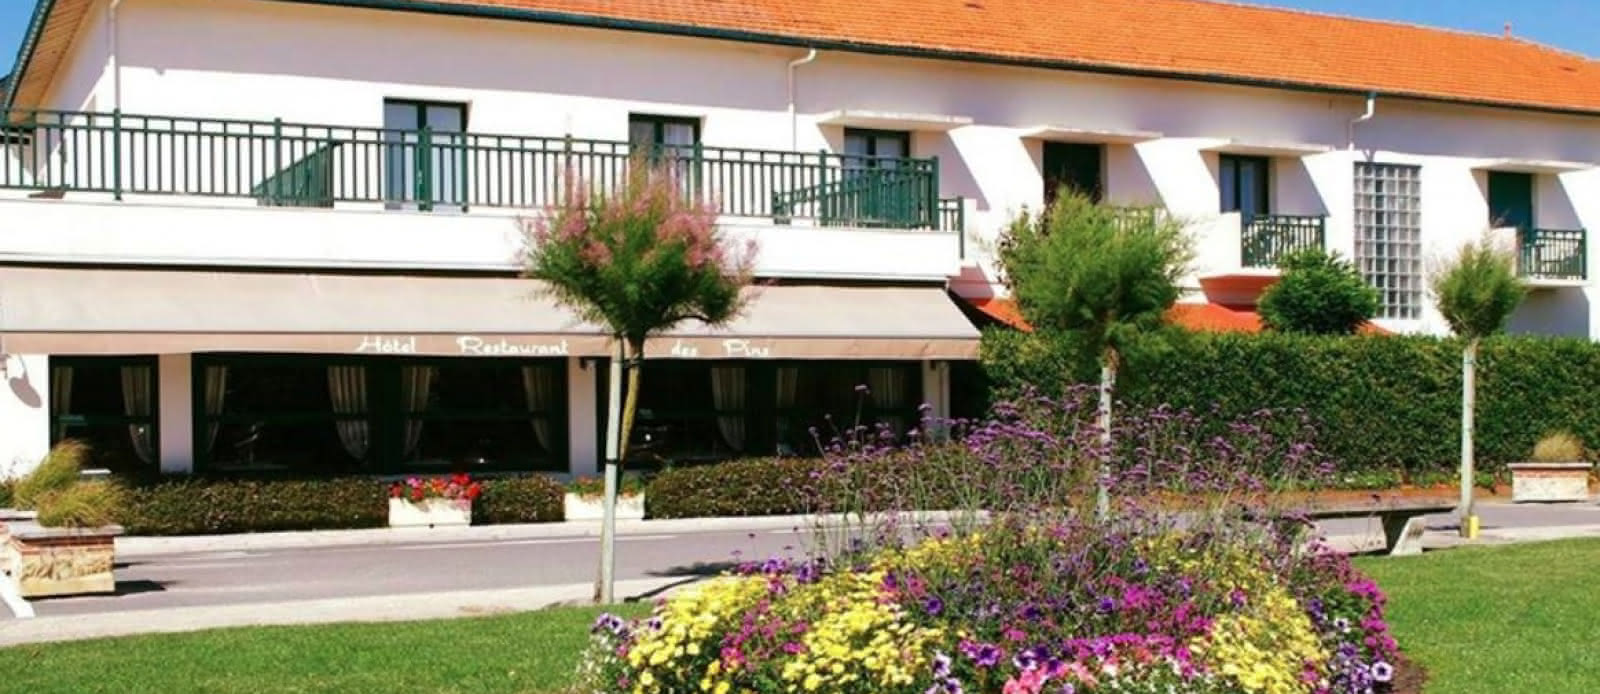 Hotel-Les-Pins-4